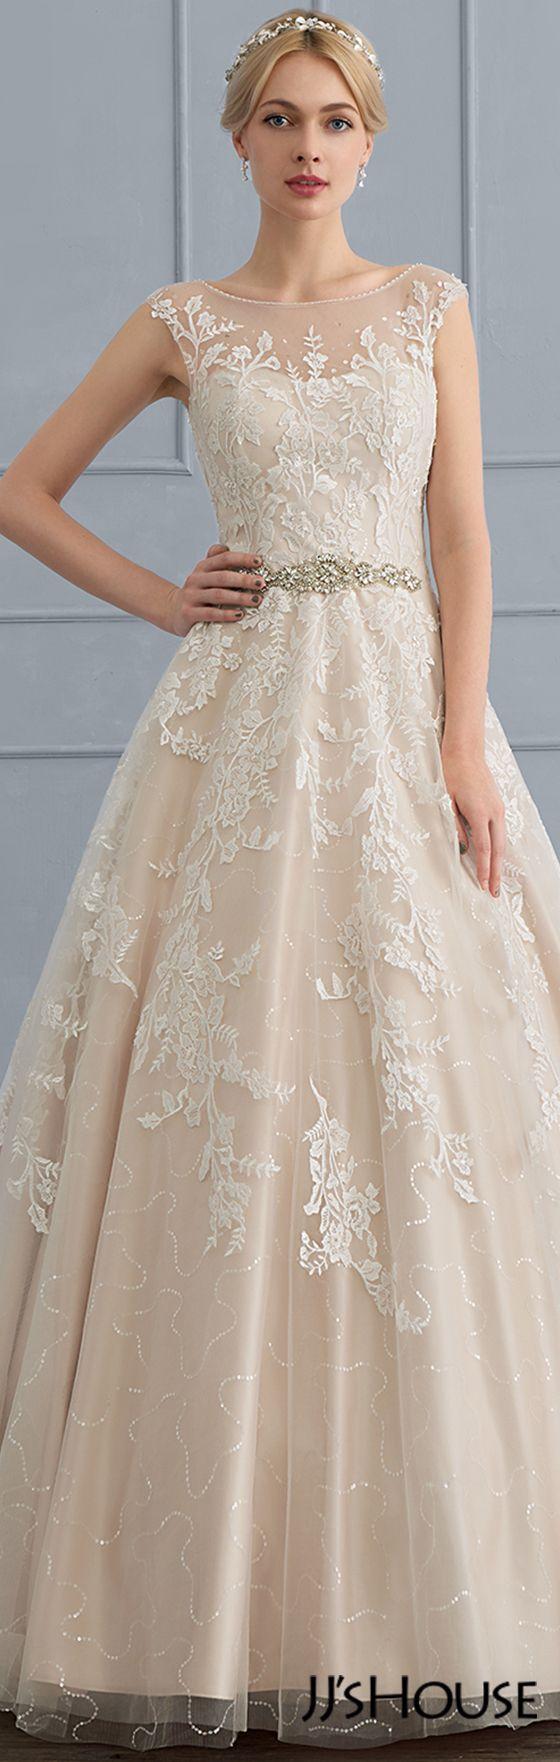 Jjshouse Wedding Dresses Jj S House Wedding Dresses Pinterest